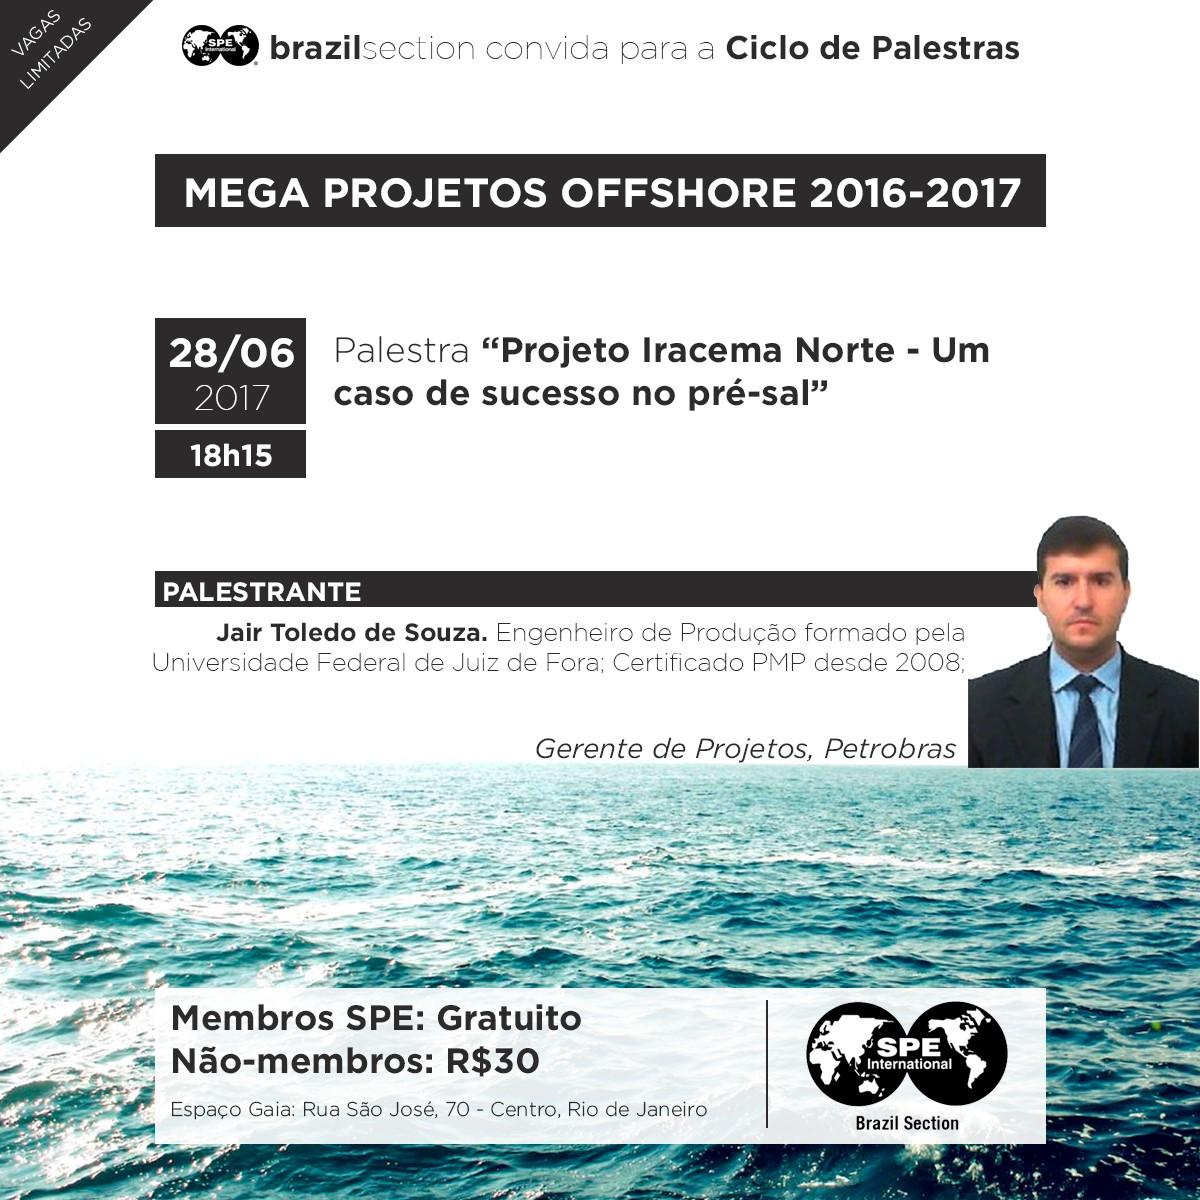 CICLO PALESTRAS MEGA PROJETOS: PROJETO IRACEMA NORTE – UM CASO DE SUCESSO NO PRÉ-SAL